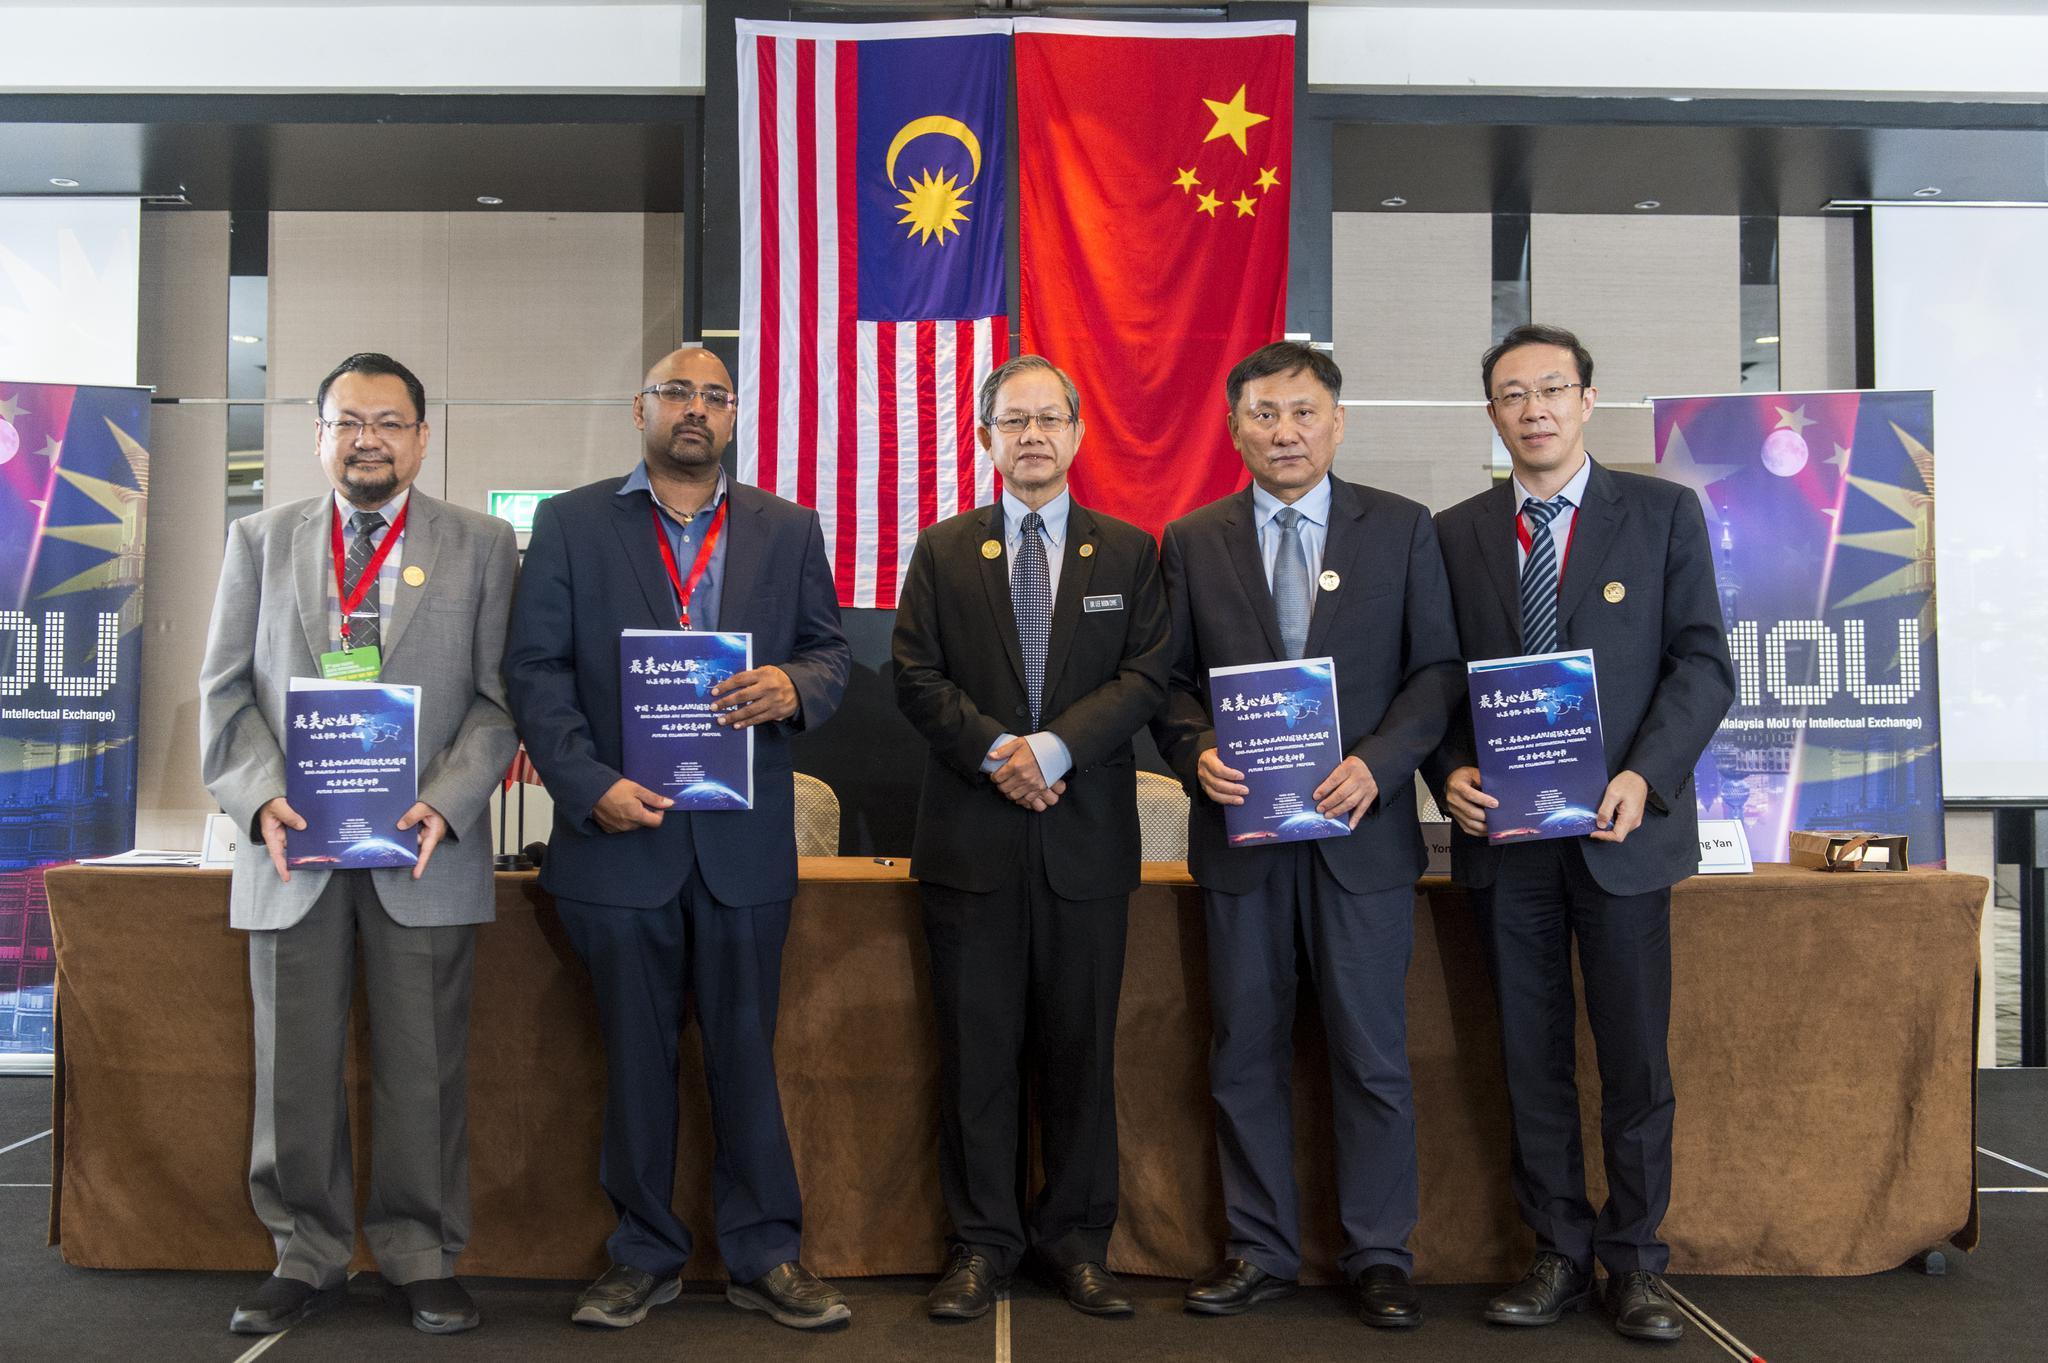 【附属单位之窗】厦大附属心血管病医院与马来西亚最大公立院瑟当医院签署胸痛中心国际合作备忘录